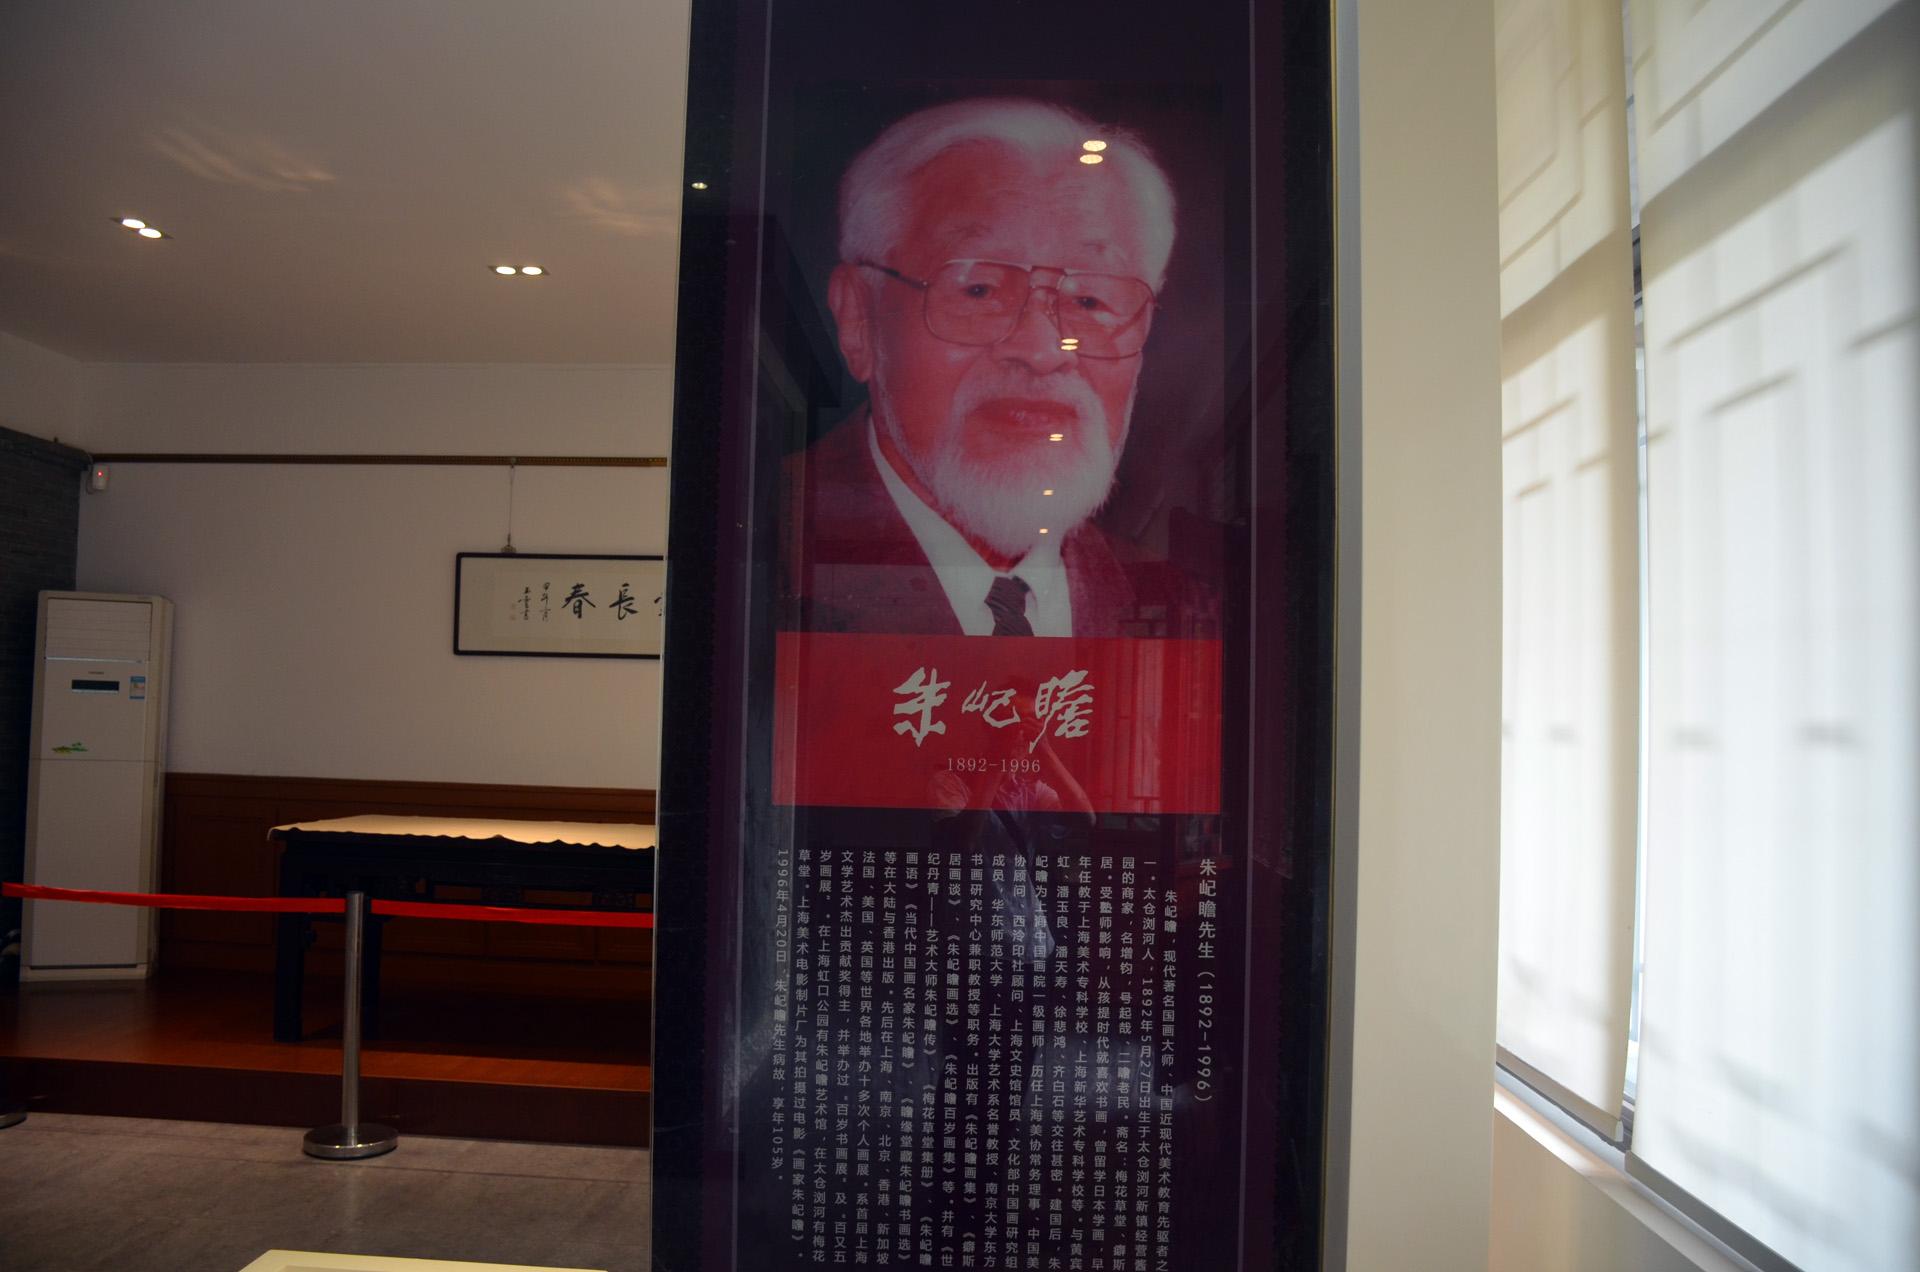 太仓市浏河镇朱屺瞻纪念馆组图 摄影 这里是太仓 第10张